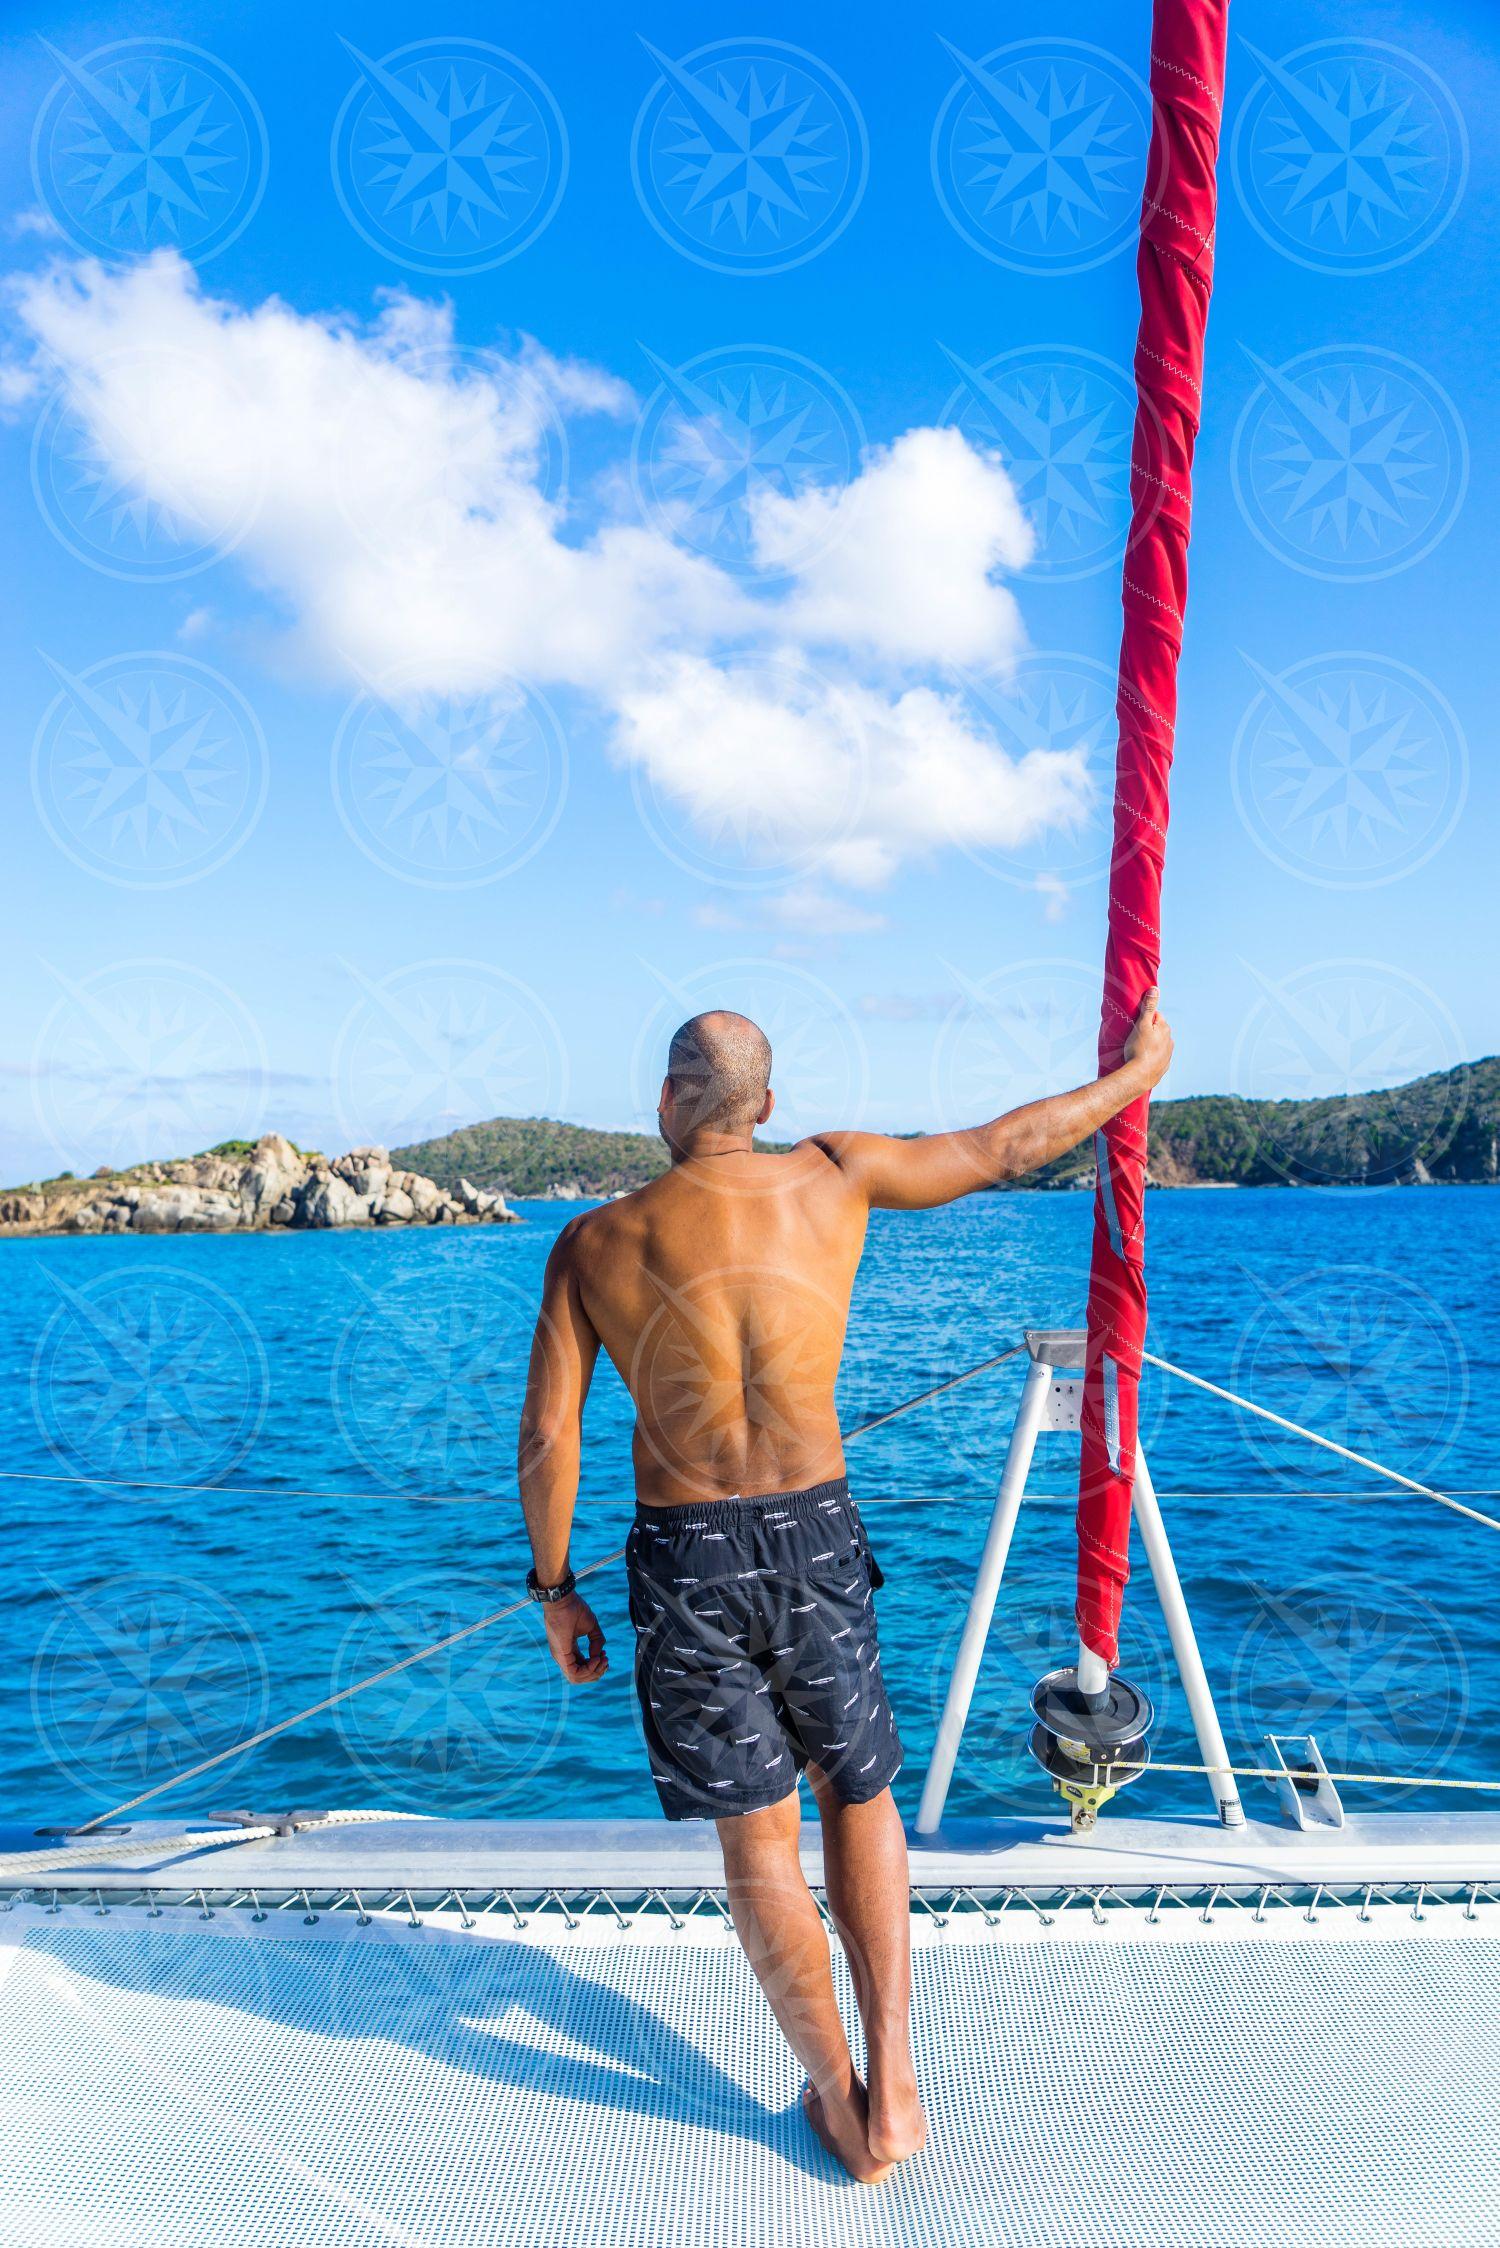 Man holding jib at bow of catamaran